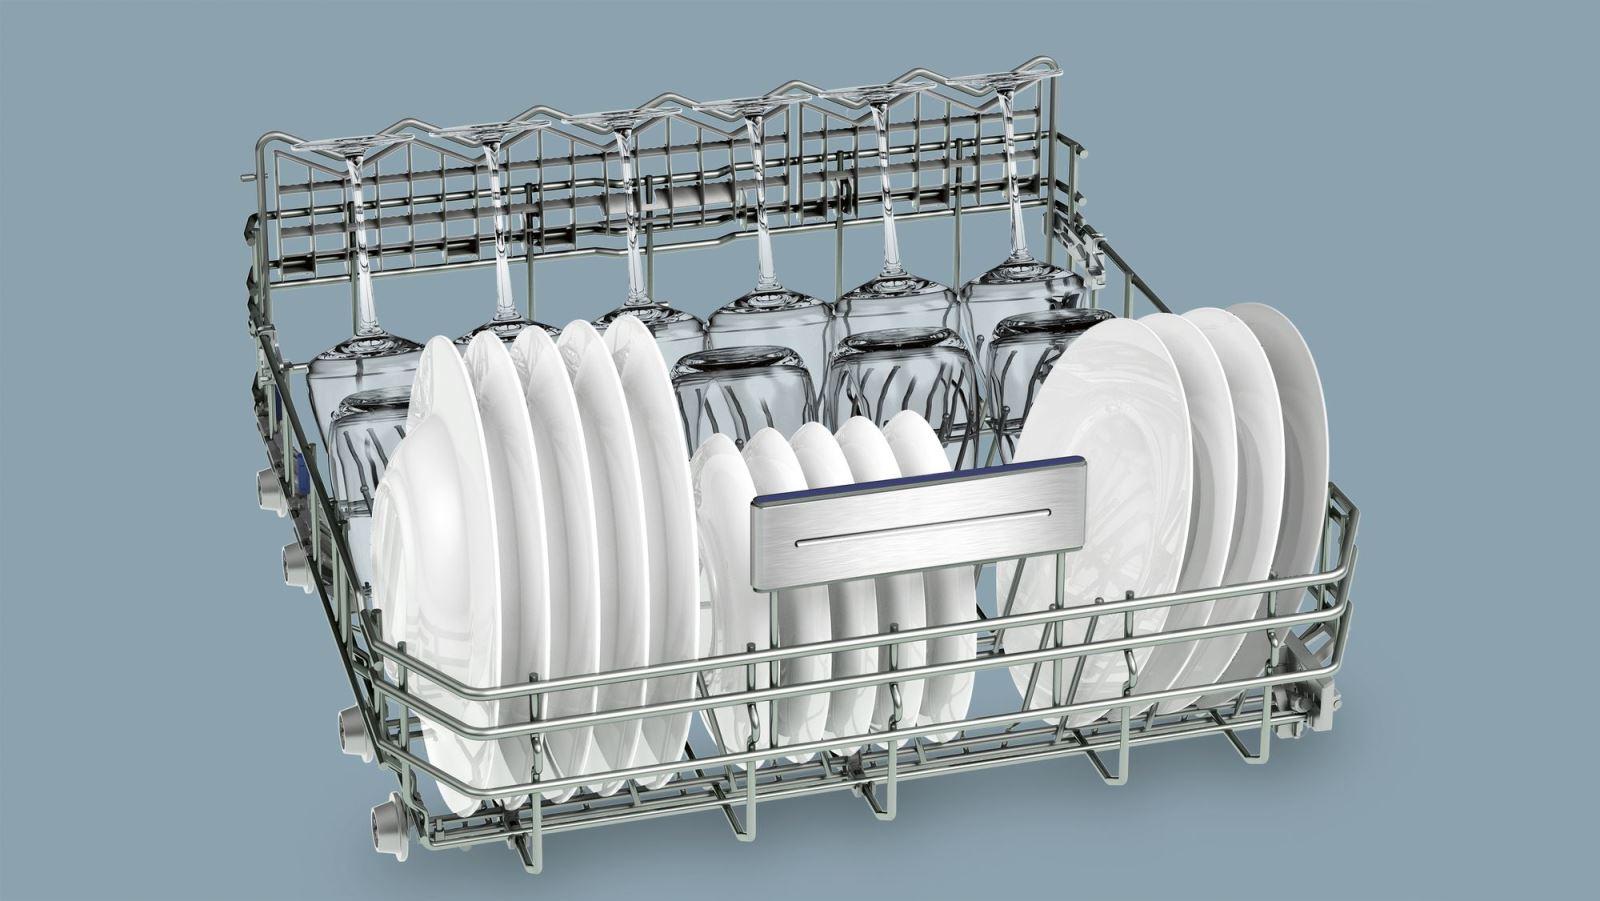 Máy Rửa Bát Siemens SN278I36TE Dùng Công Nghệ Zeolith® Sấy Khô Tối Ưu